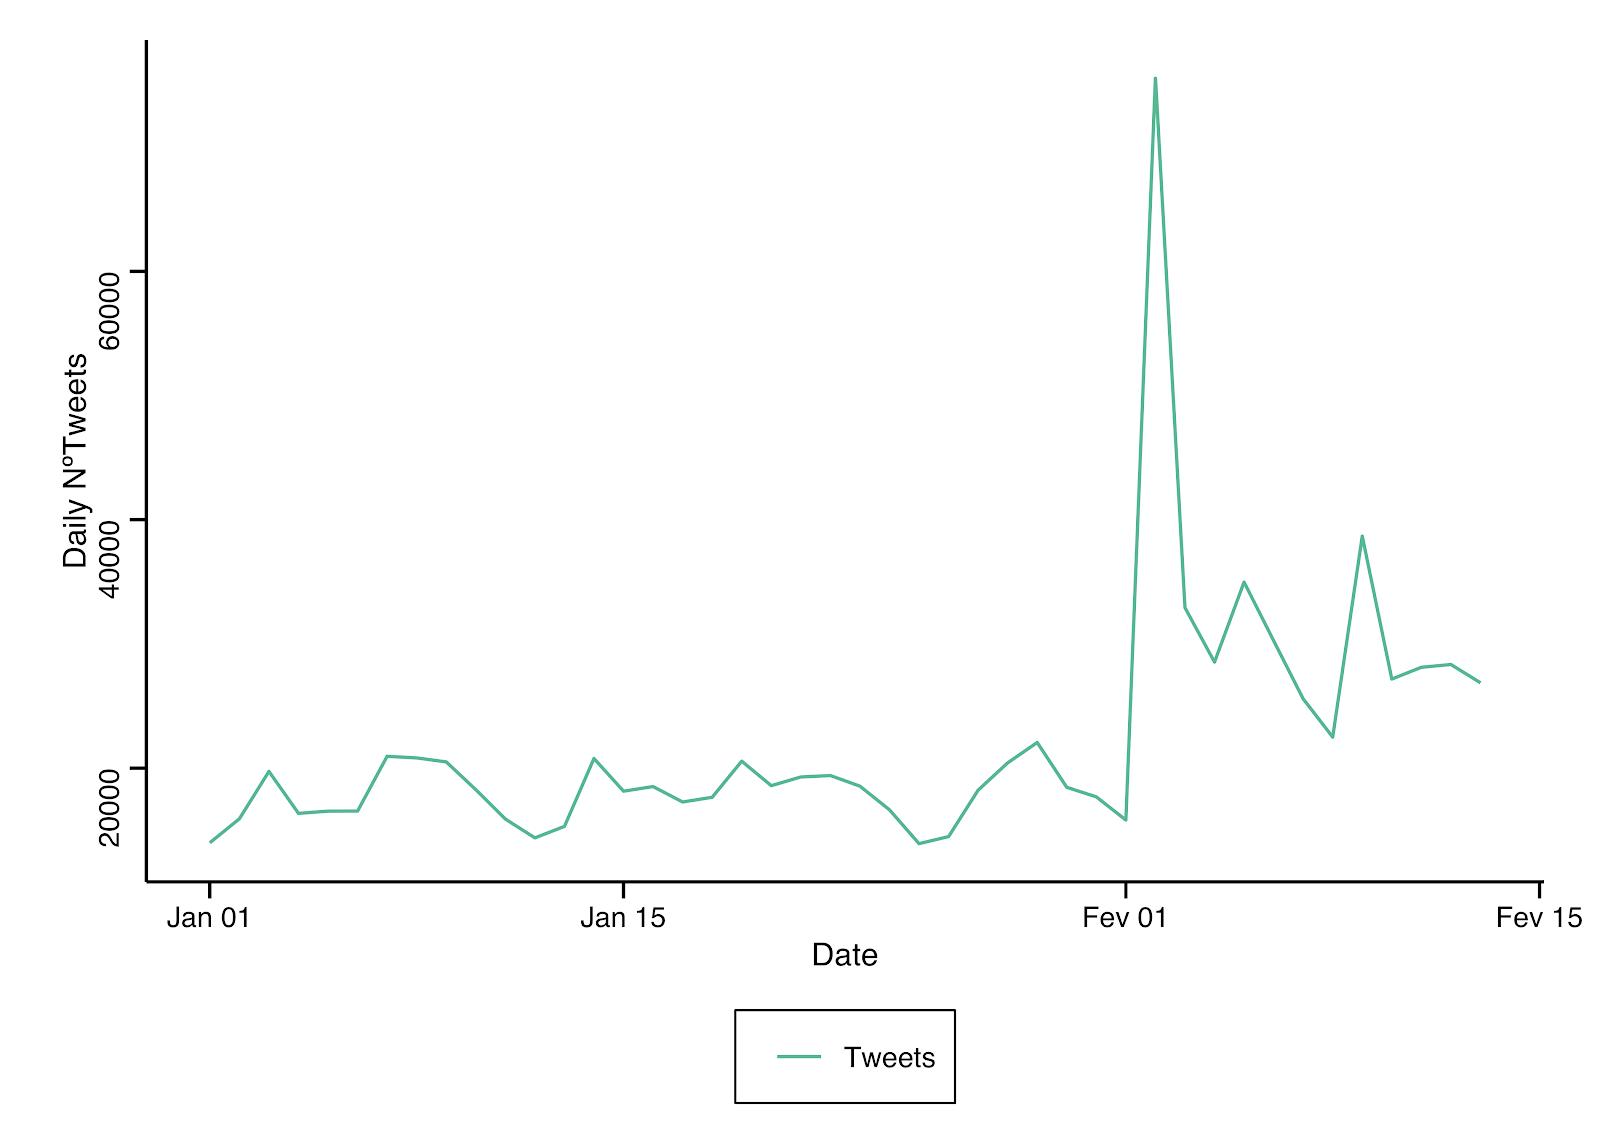 El número de tuits diarios desde el 1 de enero de 2020 al 13 de febrero de 2020.